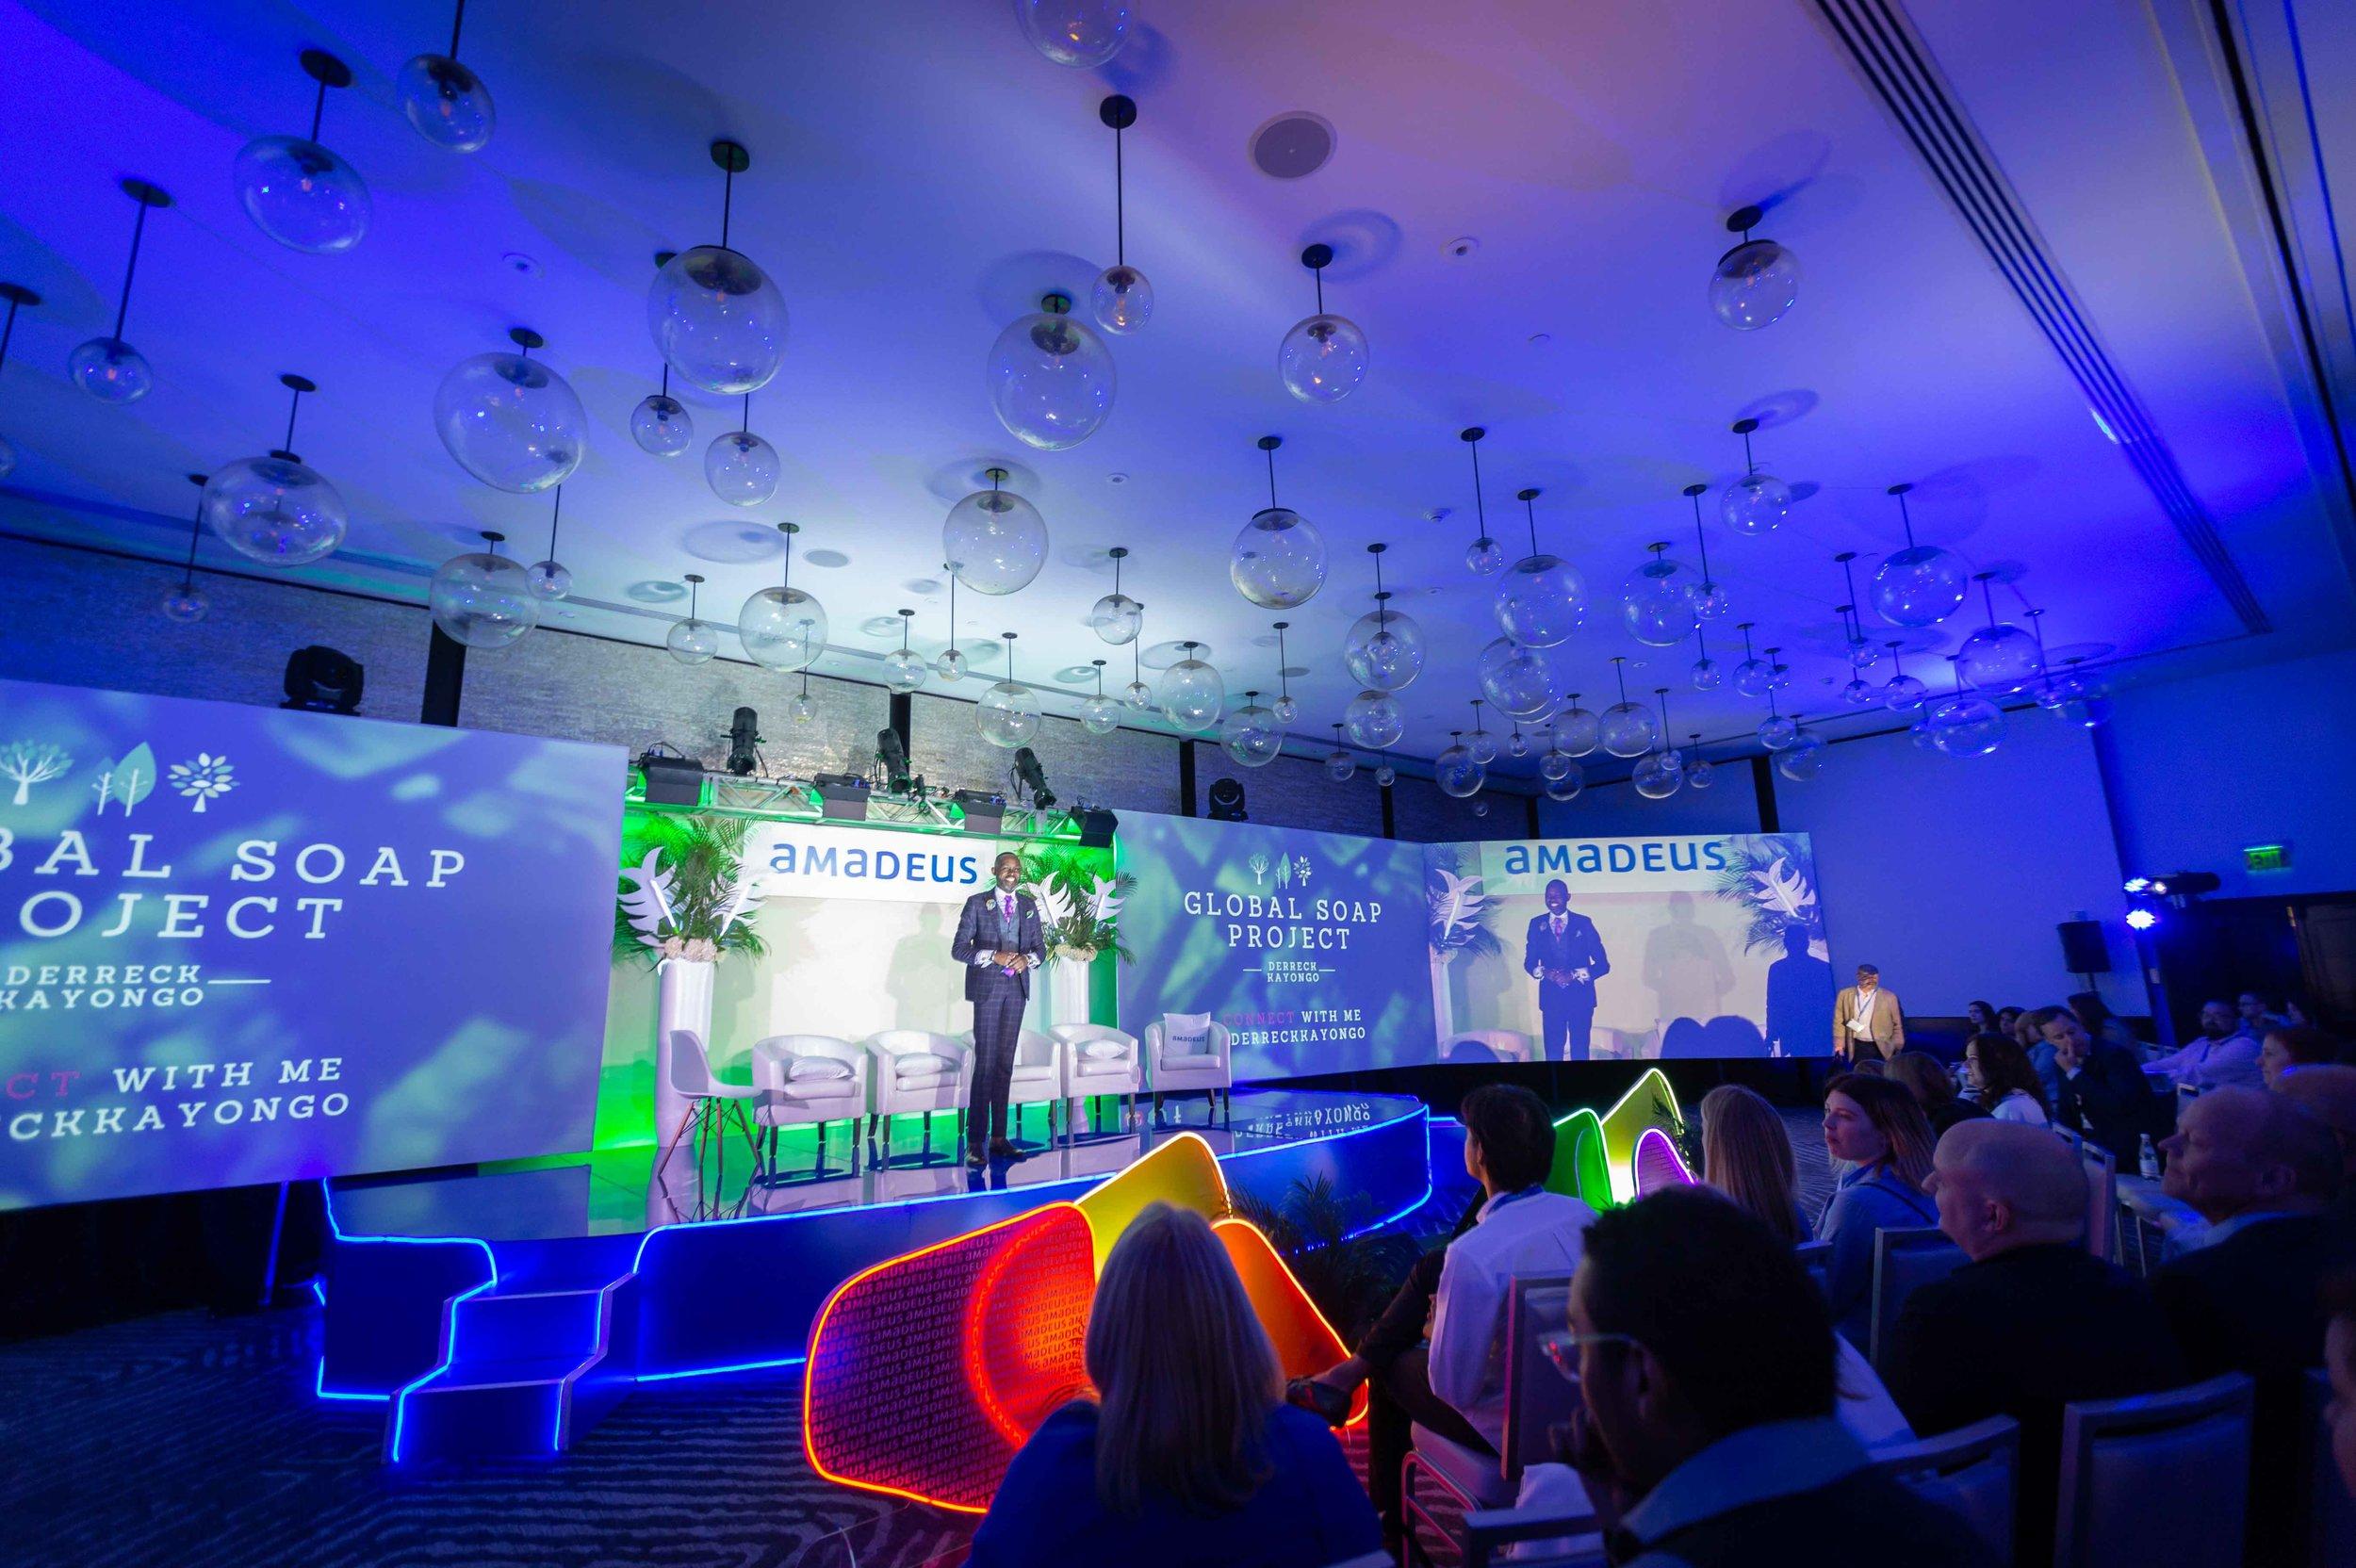 154-malloy-events-miami-conference-by-brianadamsphoto.com.jpg